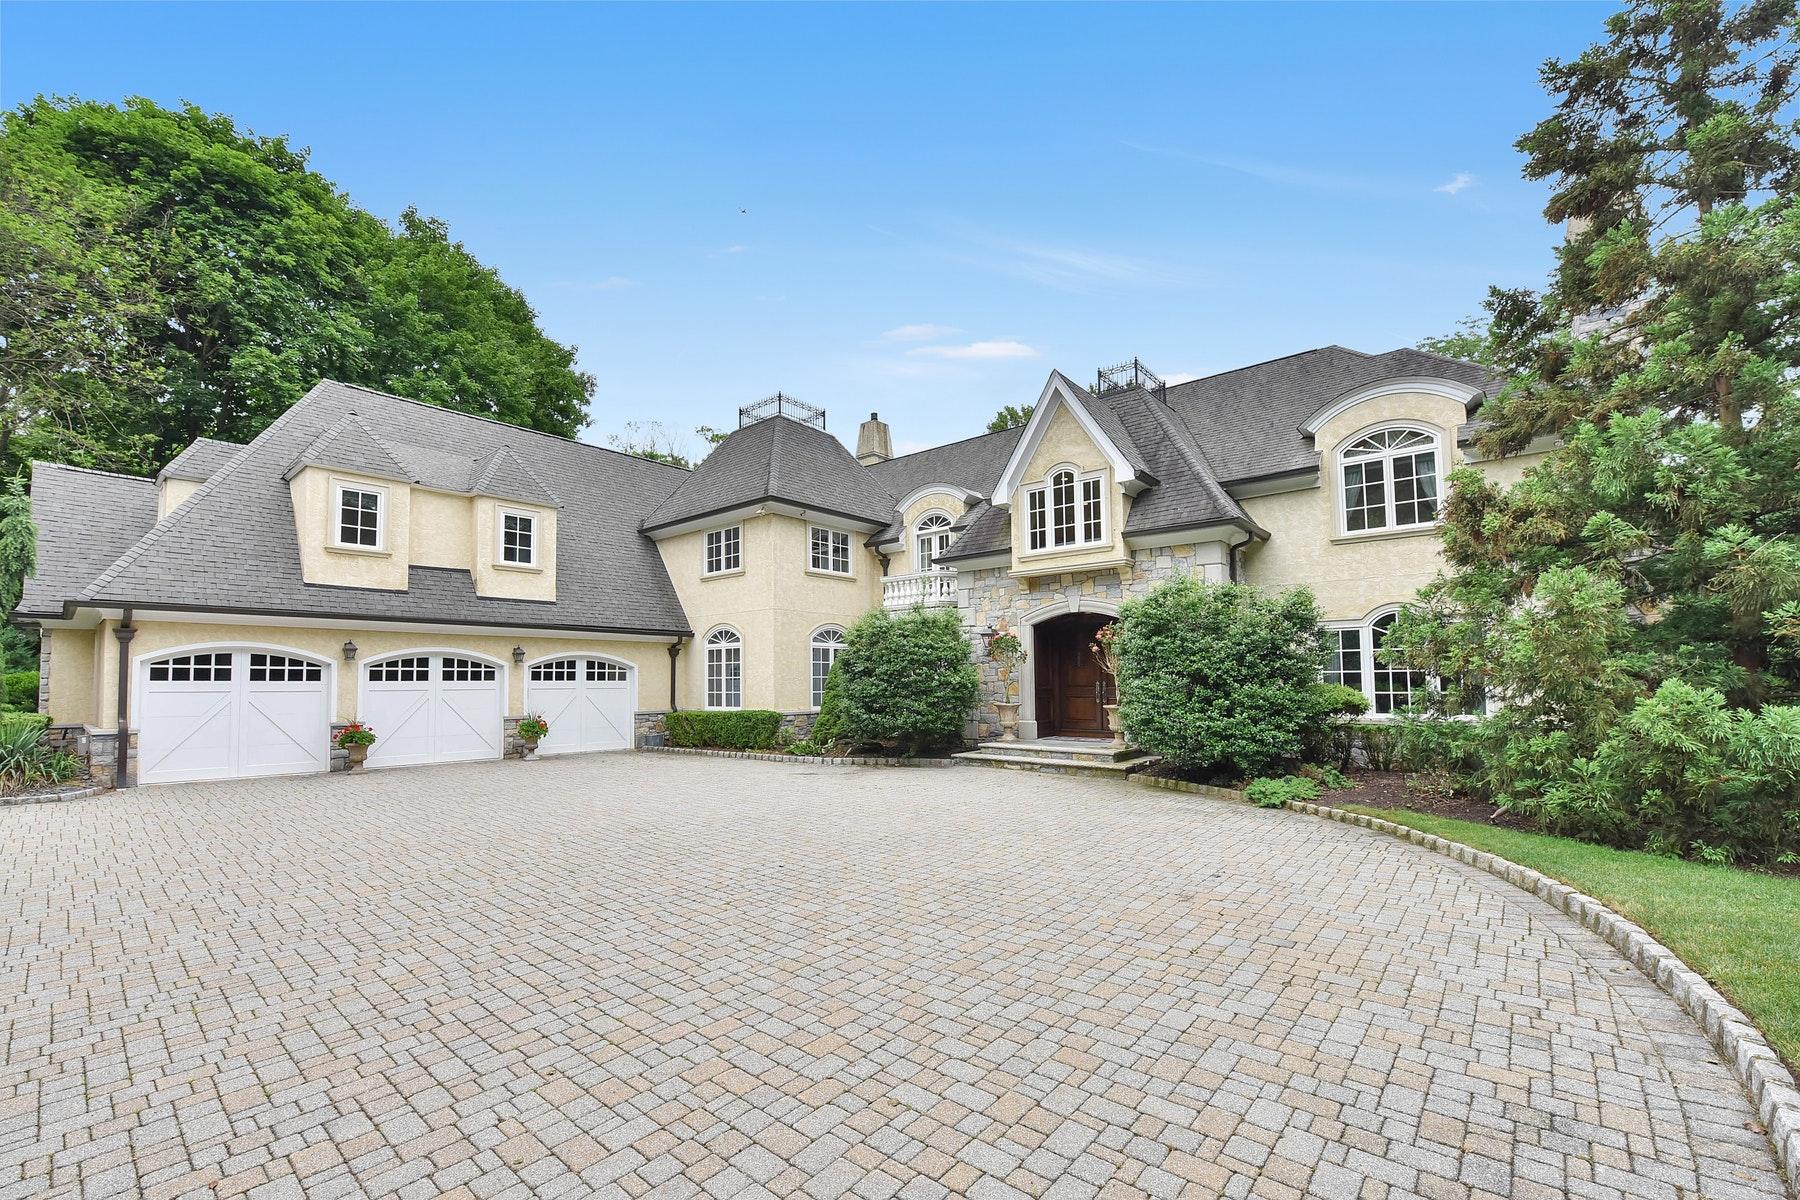 Einfamilienhaus für Verkauf beim French Provincial Estate 183 Woodside Ave, Franklin Lakes, New Jersey 07417 Vereinigte Staaten